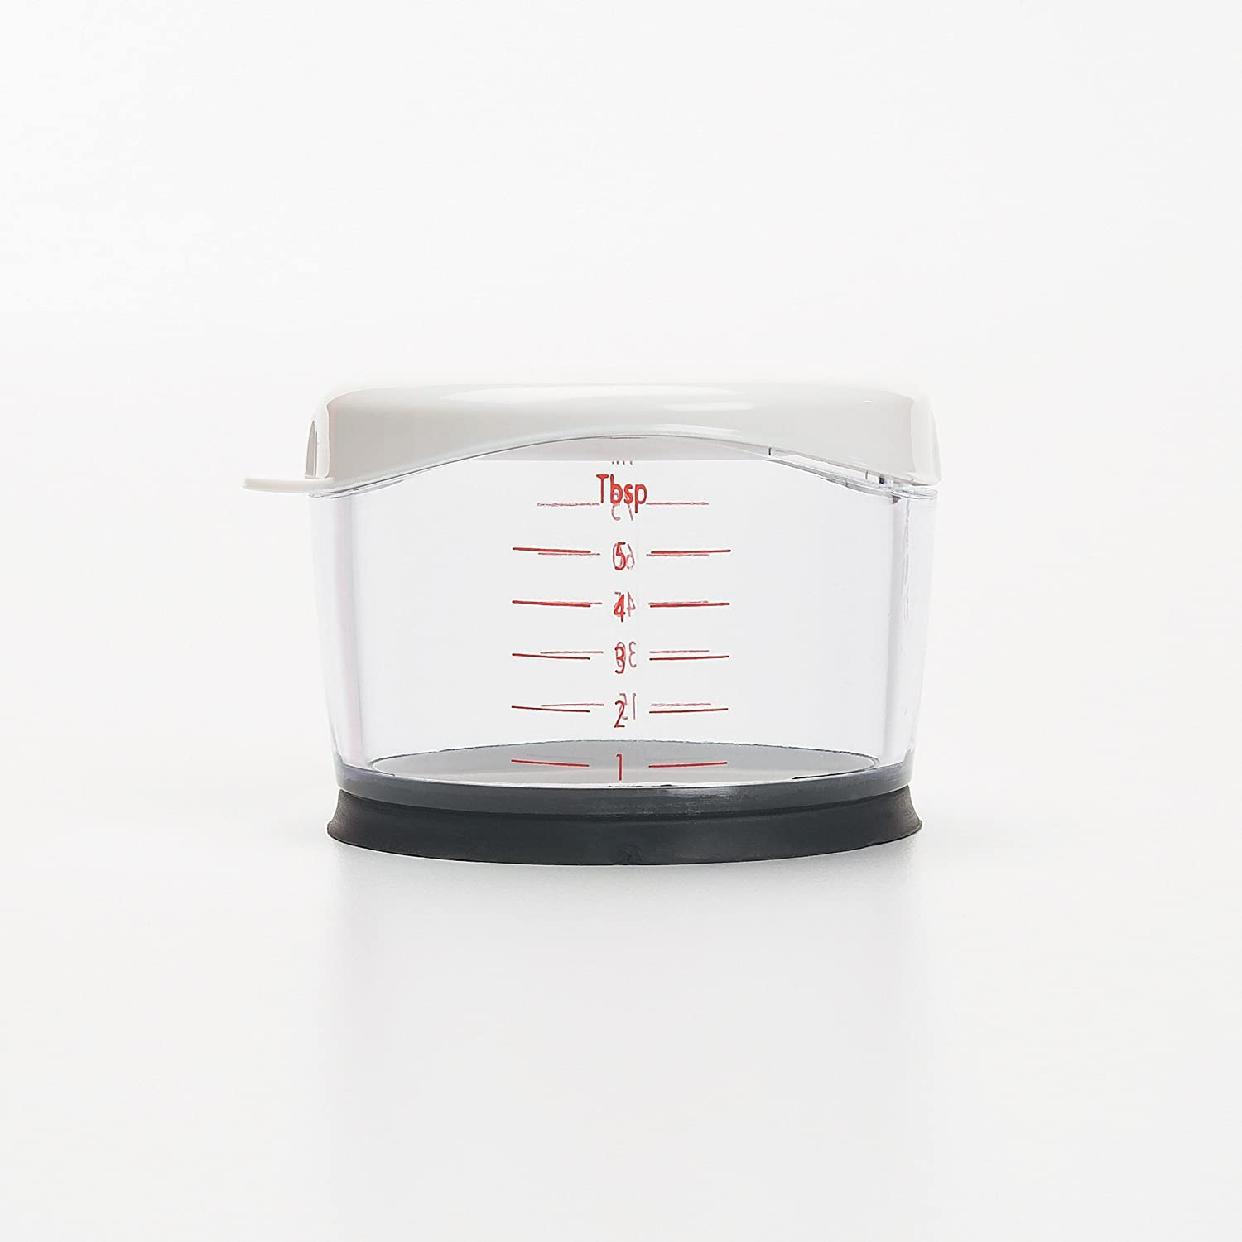 OXO(オクソー)ミニ チョッパー 1060620 ホワイトの商品画像9